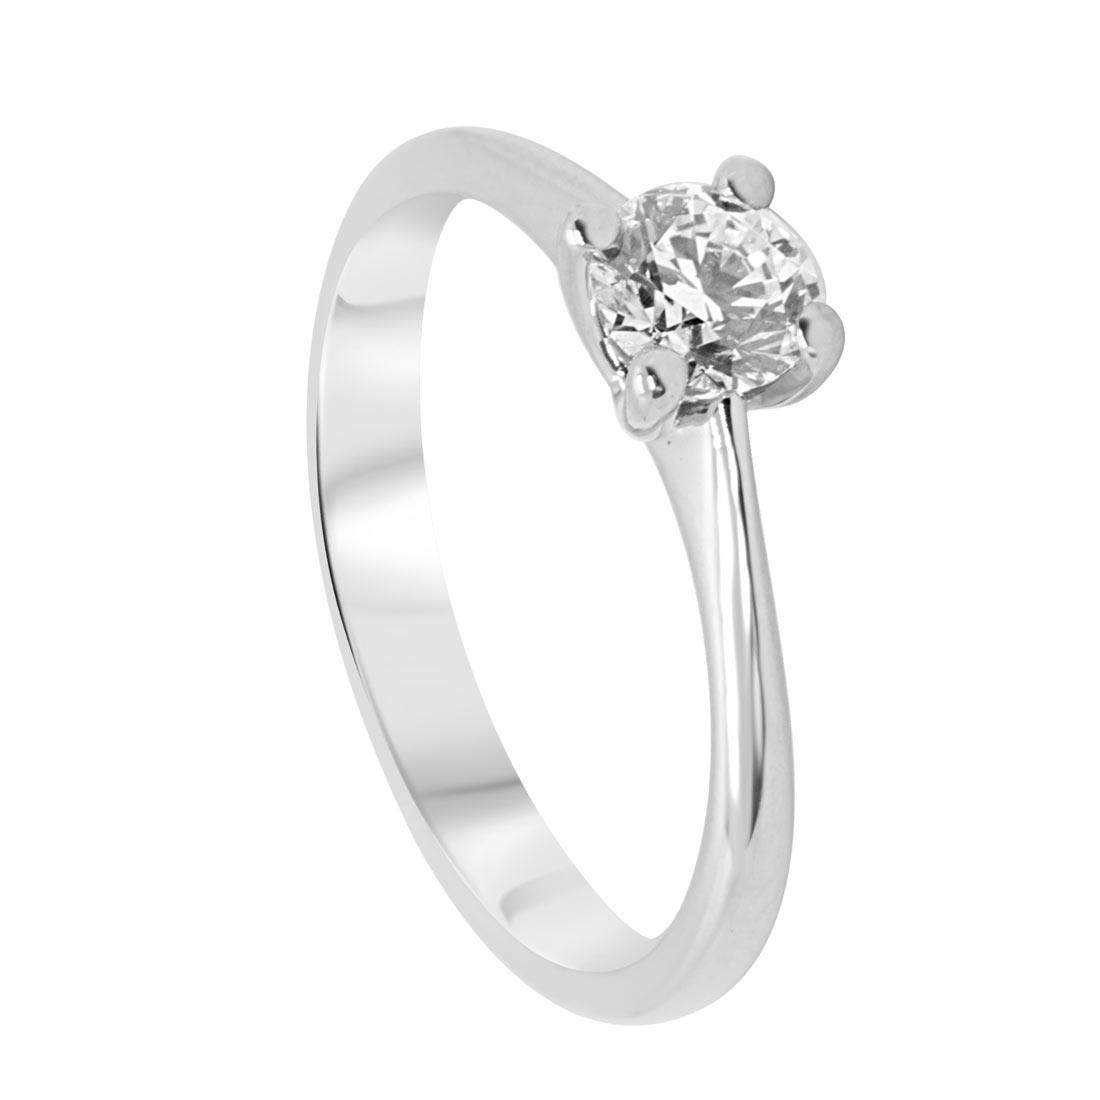 Anello solitario in oro bianco con diamante 0,50 ct mis 15 - ALFIERI & ST. JOHN